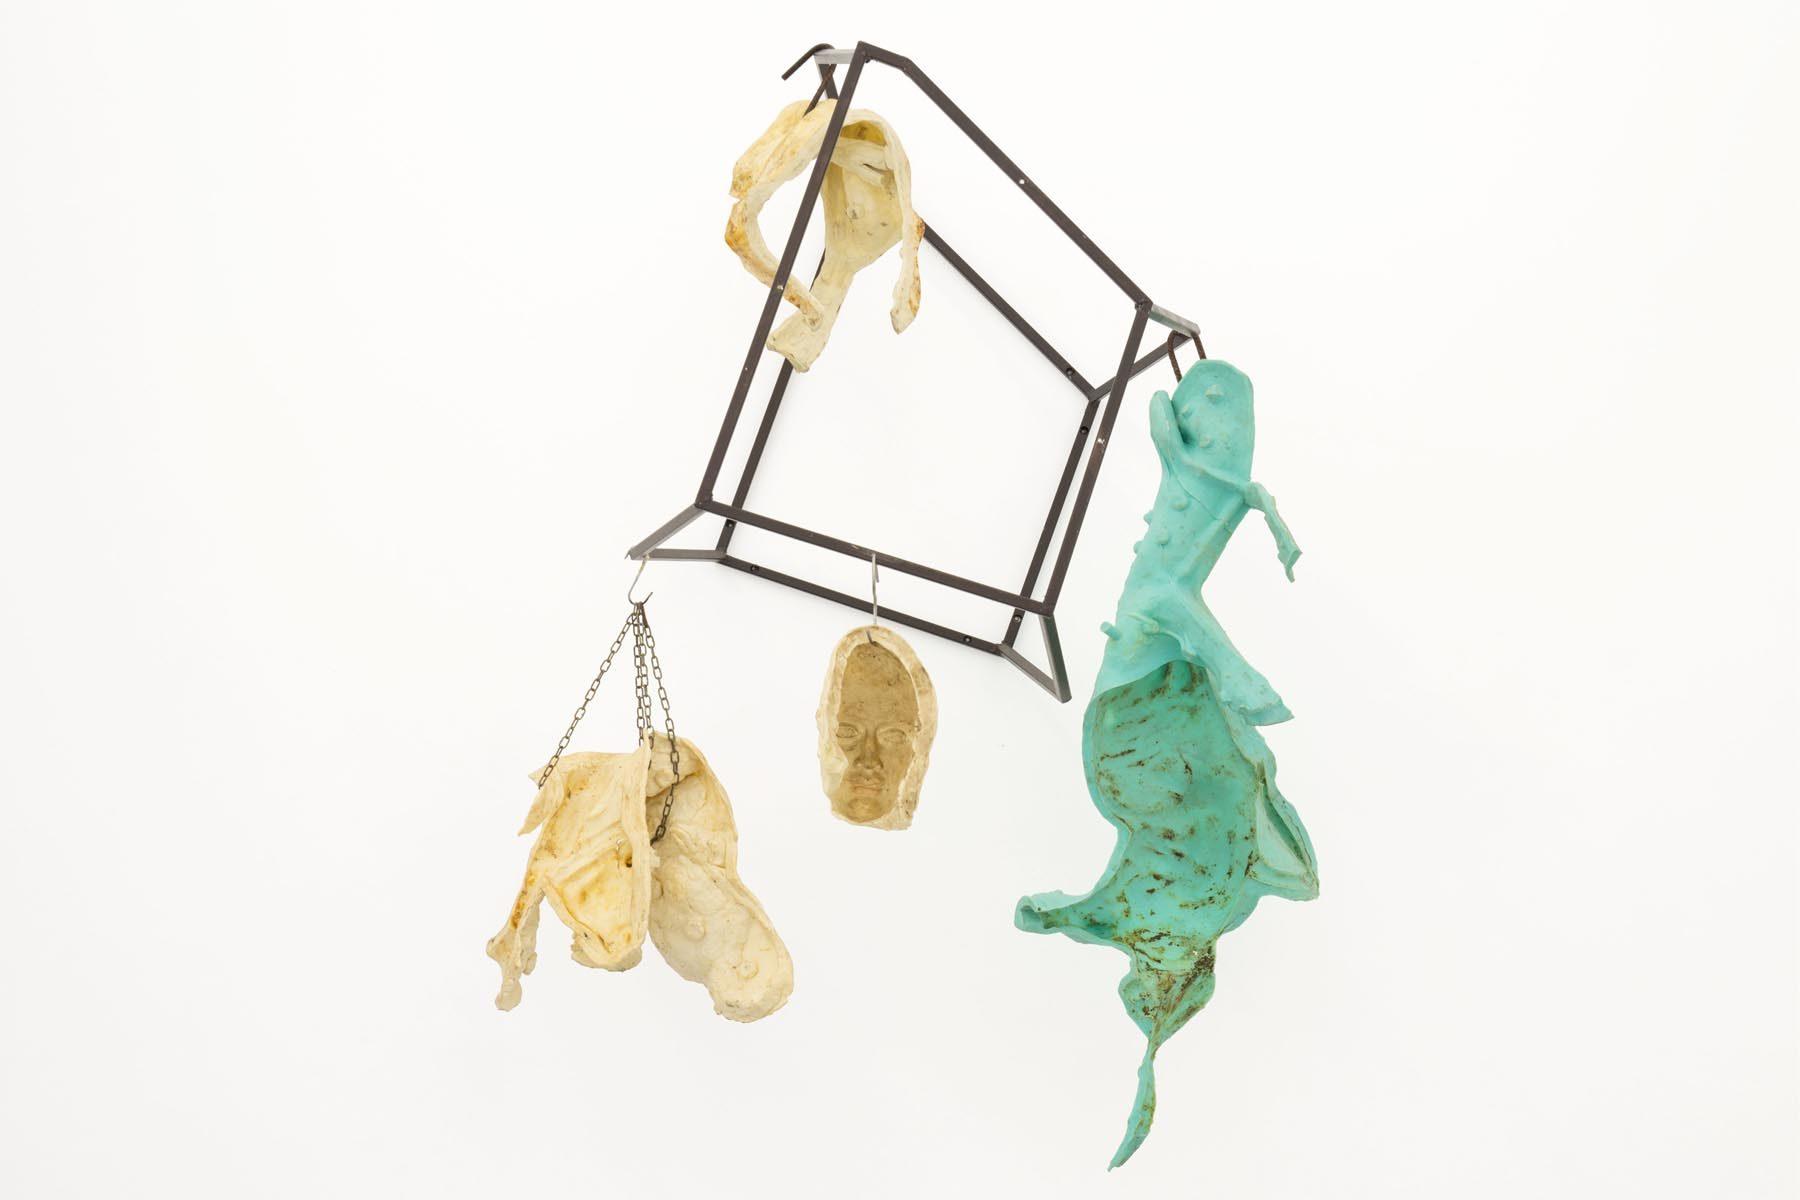 Vincenzo Rusciano, Sulla mia pelle, 2019, metal, silicon rubber, 110 x 78 h. 78 cm